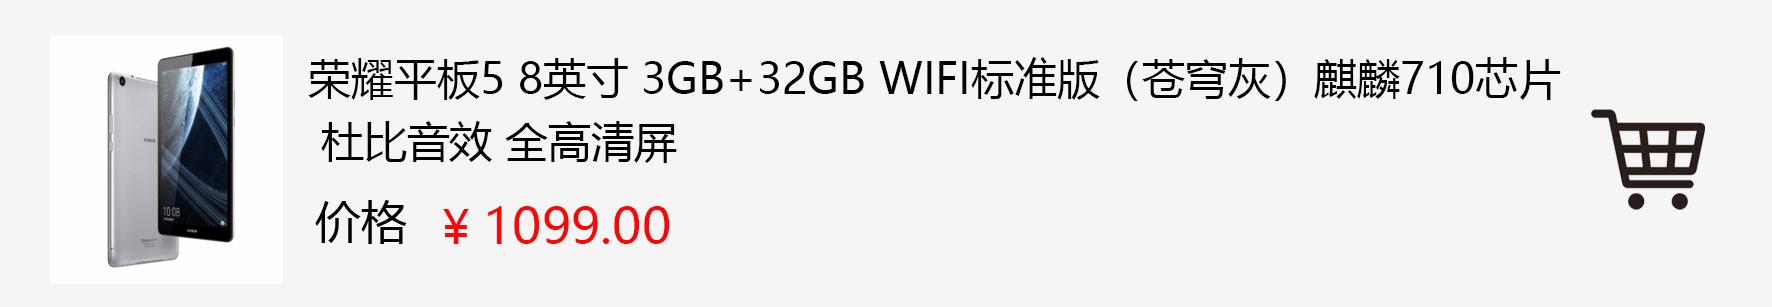 HONOR-Pad5快捷购买链接.jpg